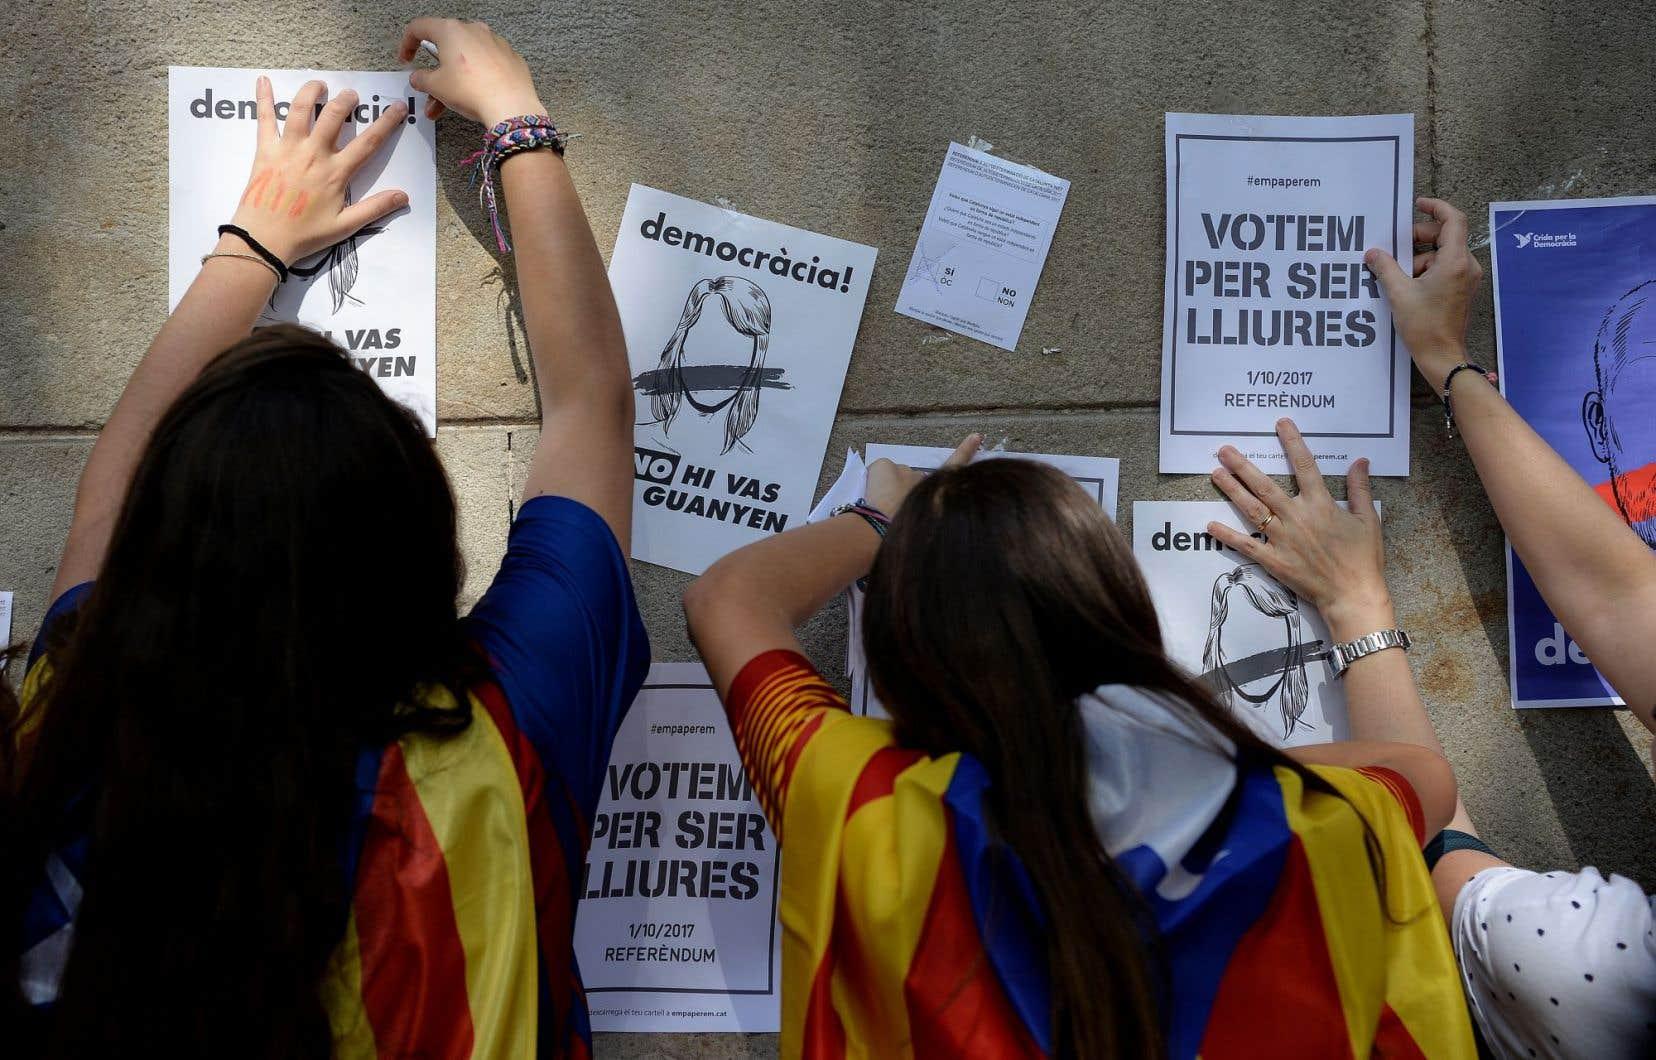 Les forces de l'ordre qui multiplient les perquisitions ont saisi près de 10 millions de bulletins de vote.